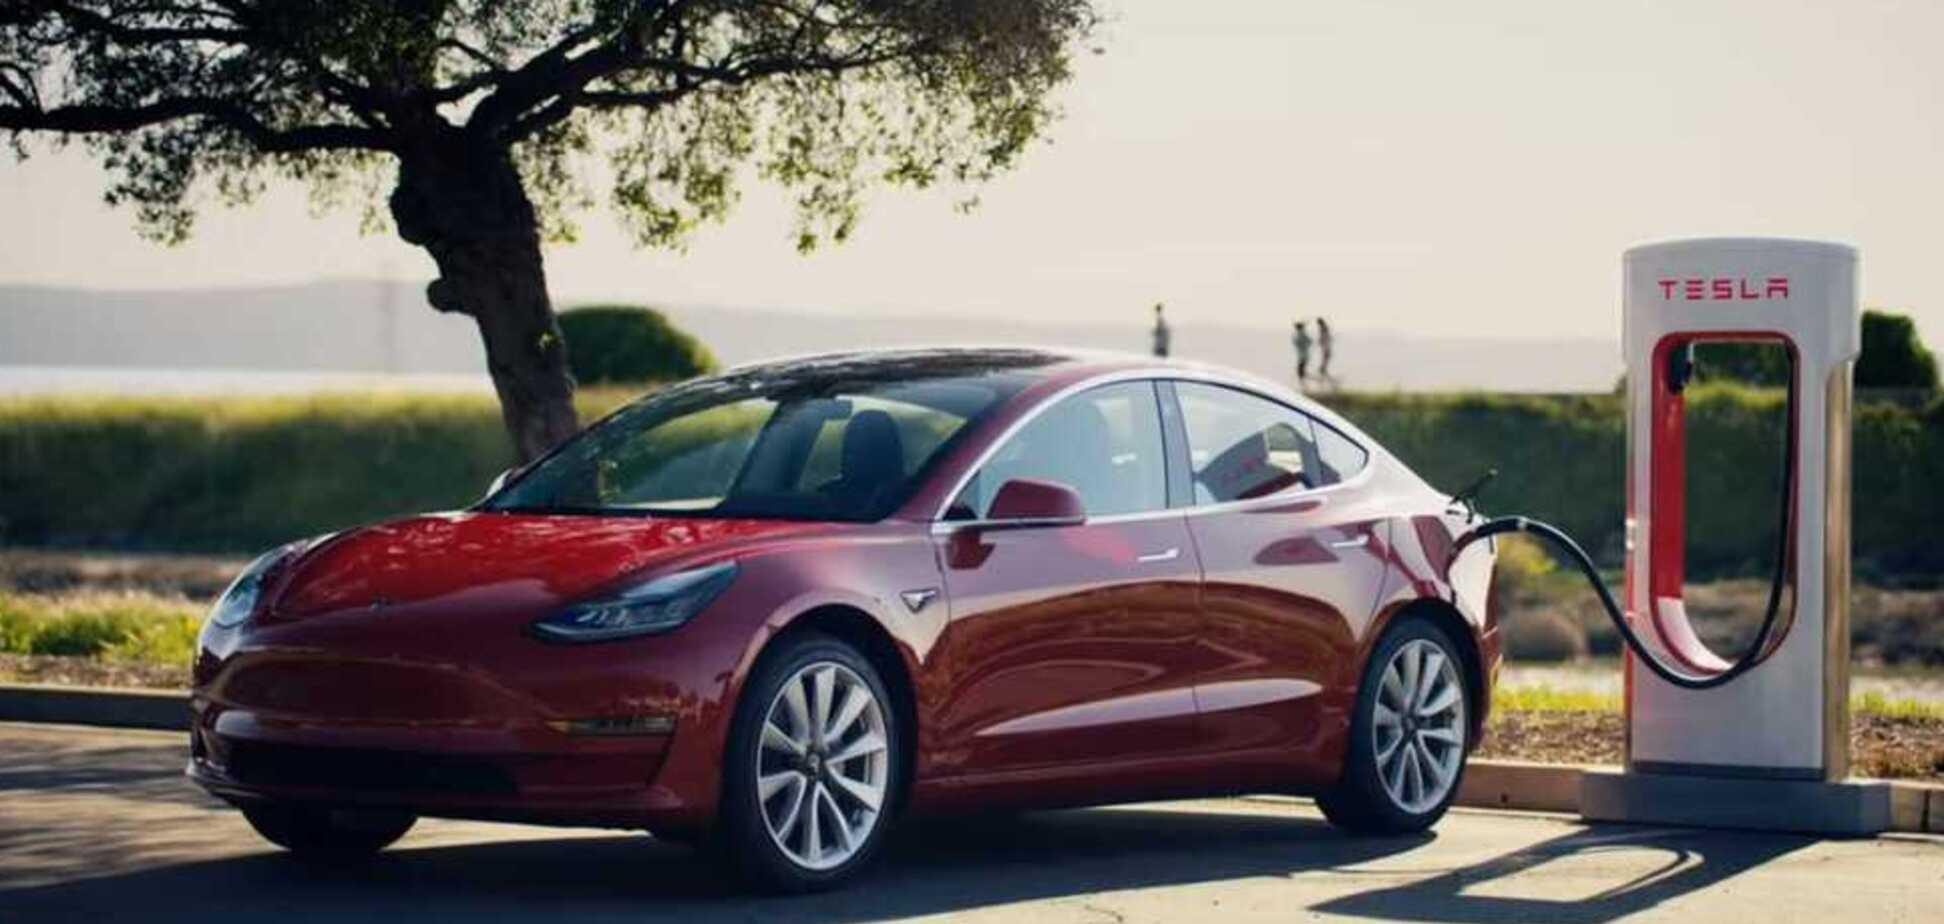 Скоро Украина? Tesla открыла первую в Европе сверхмощную зарядную станцию Supercharger